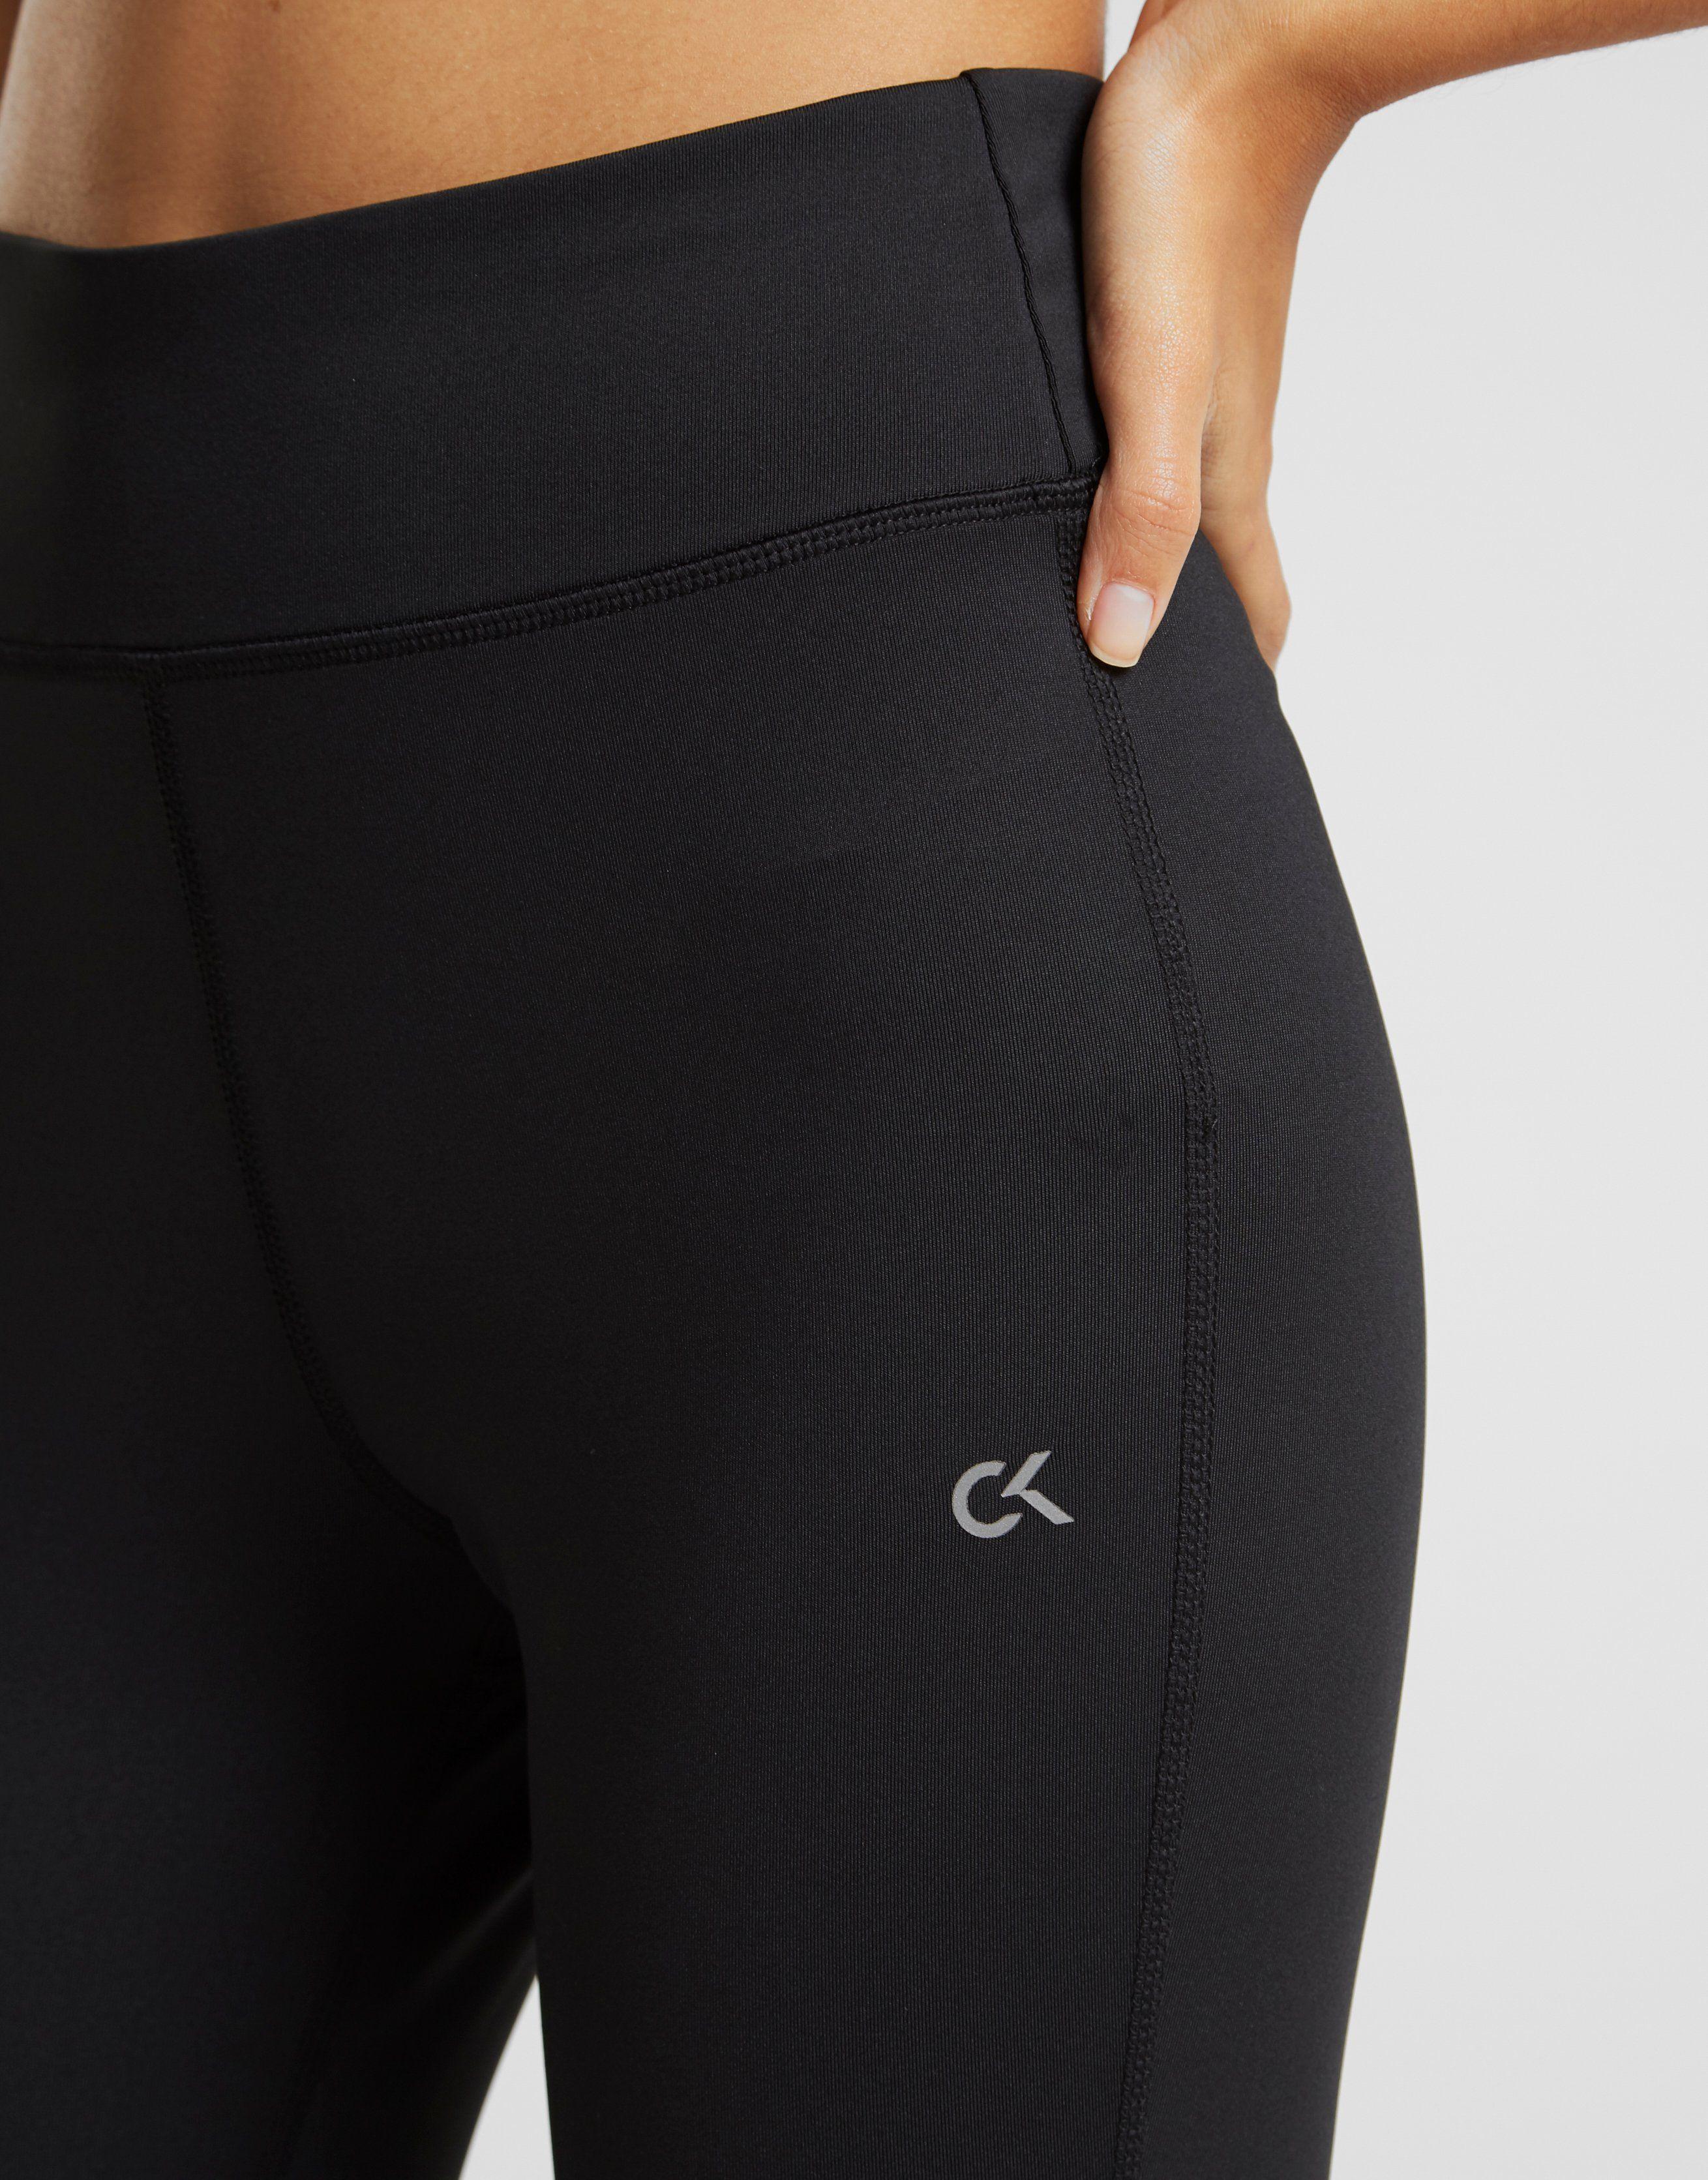 Calvin Klein Performance Sport Tights